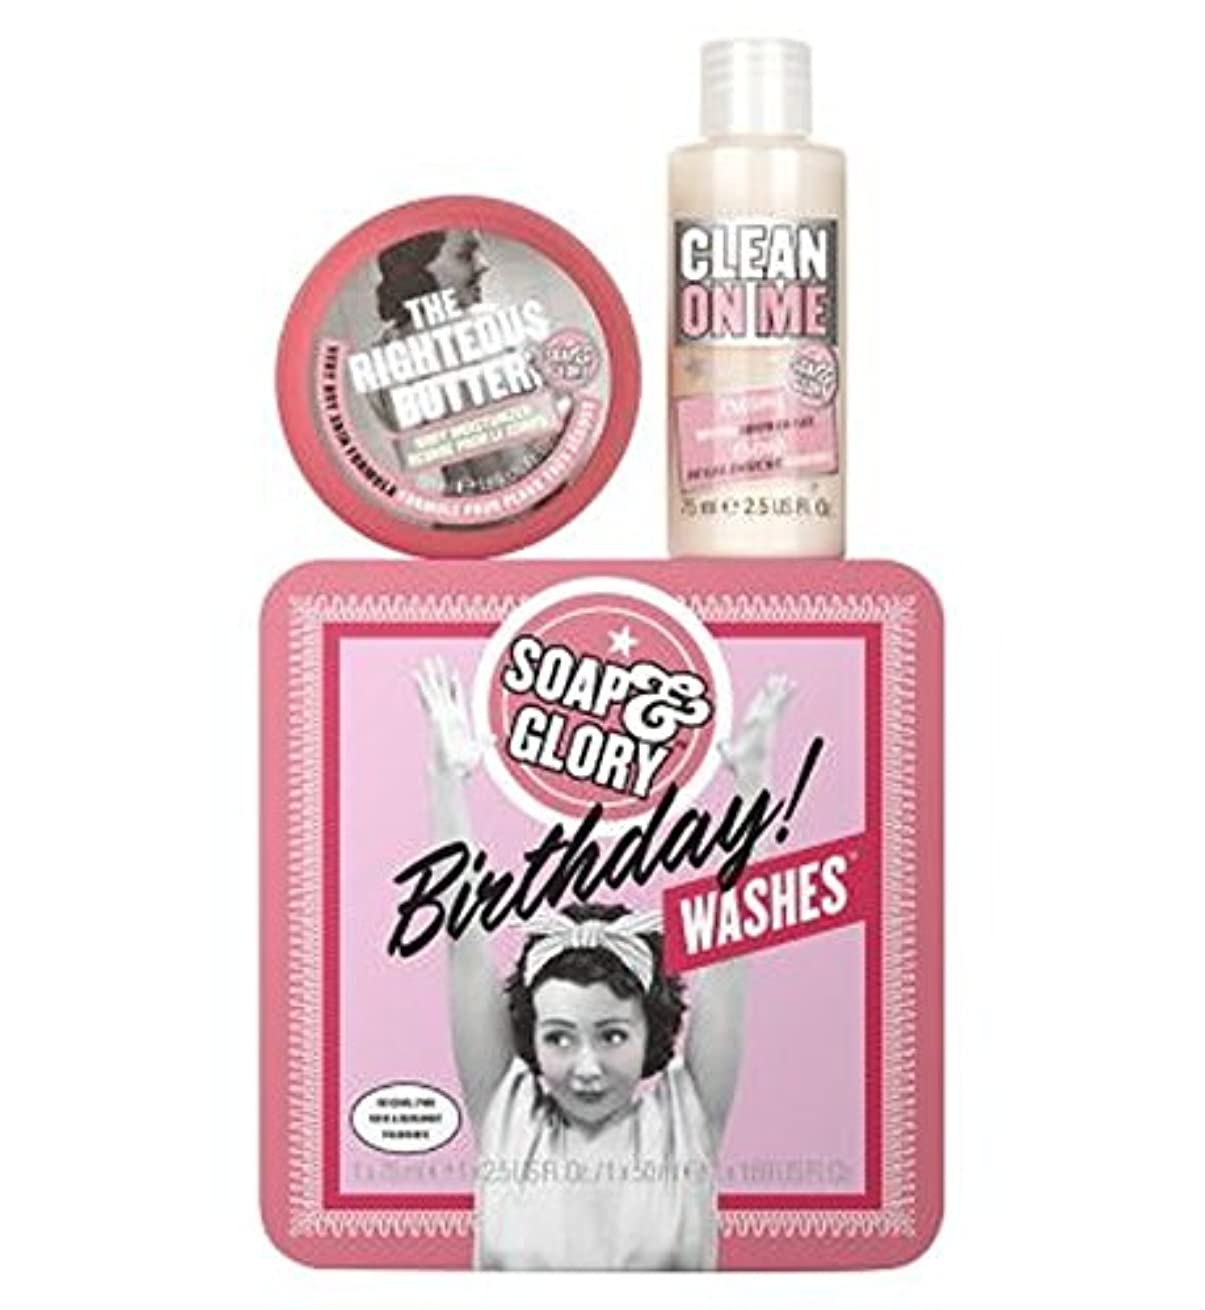 落胆させる防水争い石鹸&栄光?の誕生日の洗浄液?ギフトセット (Soap & Glory) (x2) - Soap & Glory? BIRTHDAY WASHES? Gift Set (Pack of 2) [並行輸入品]